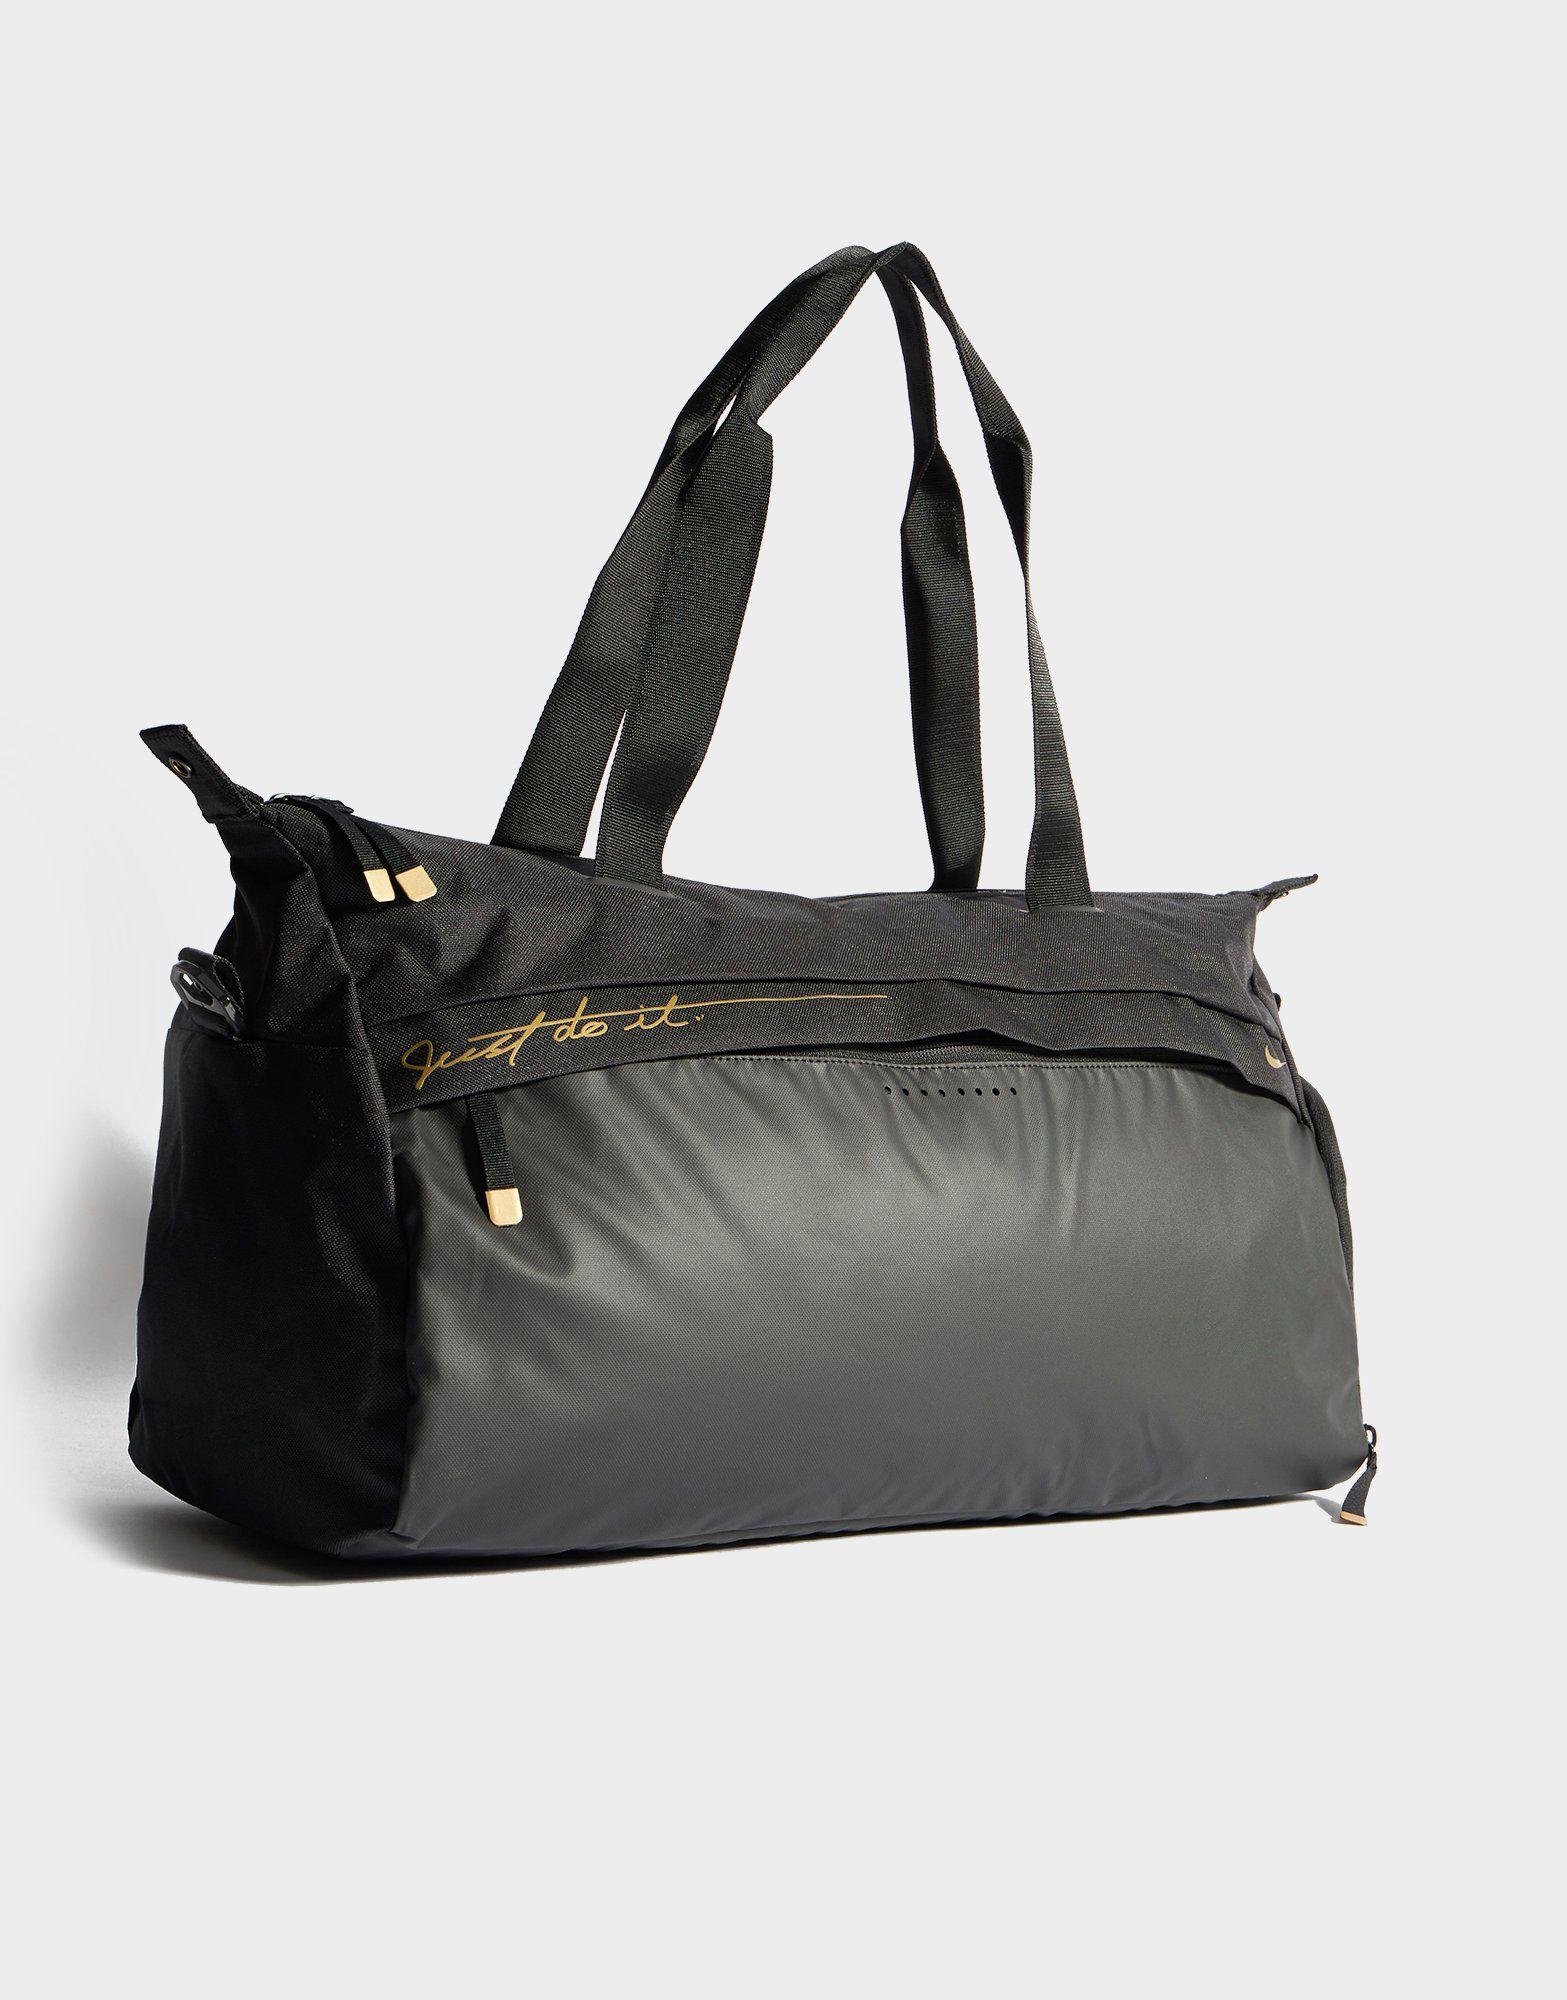 Nike Radiate Bag